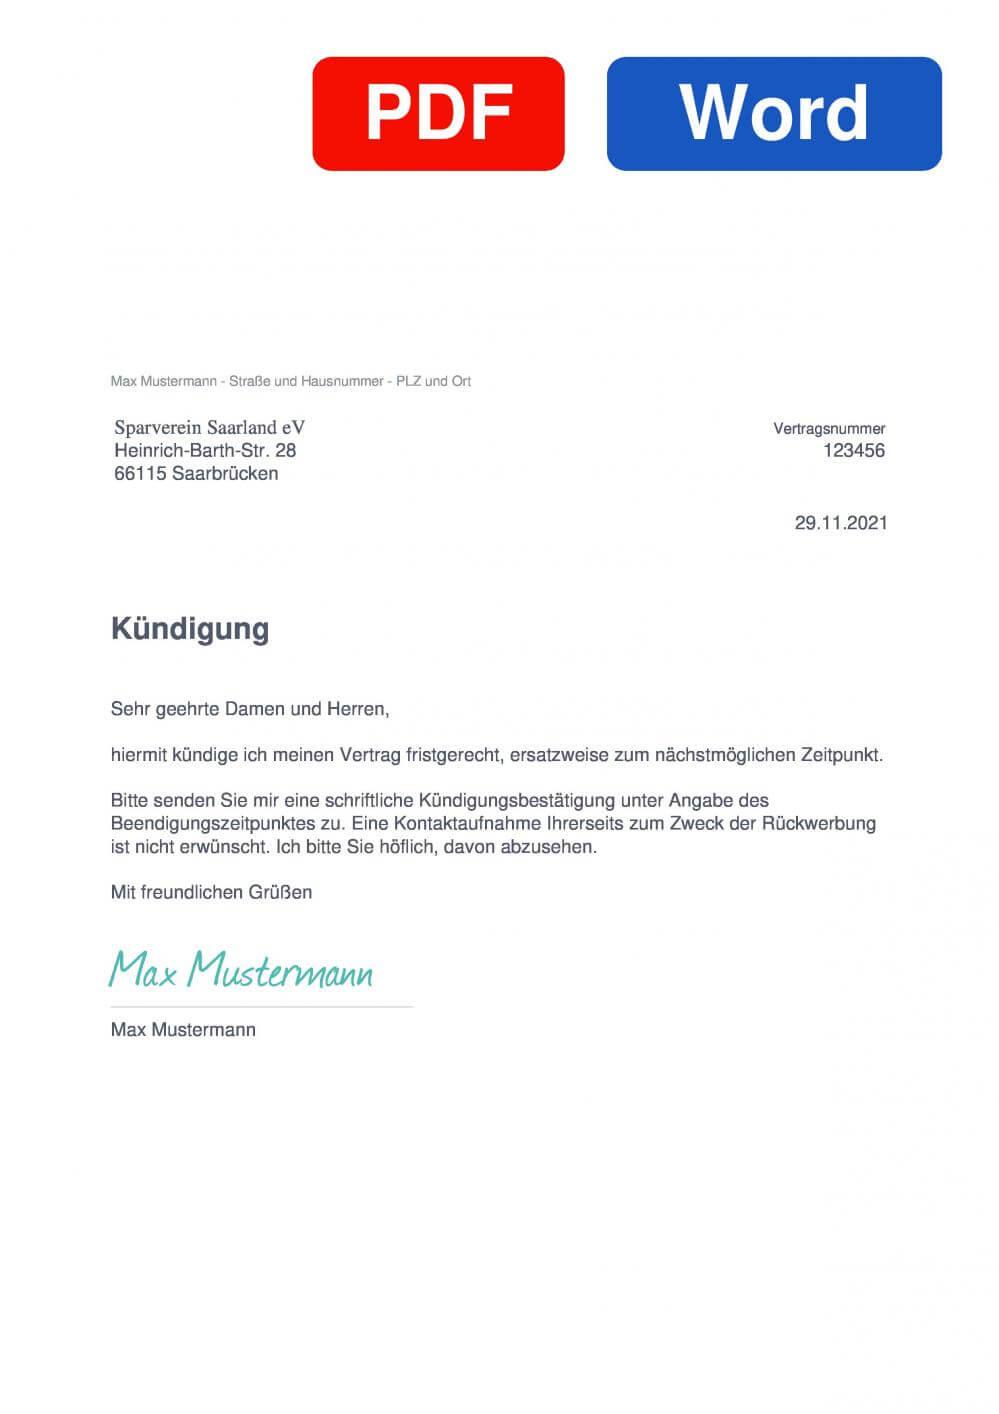 Sparverein Saarland Muster Vorlage für Kündigungsschreiben